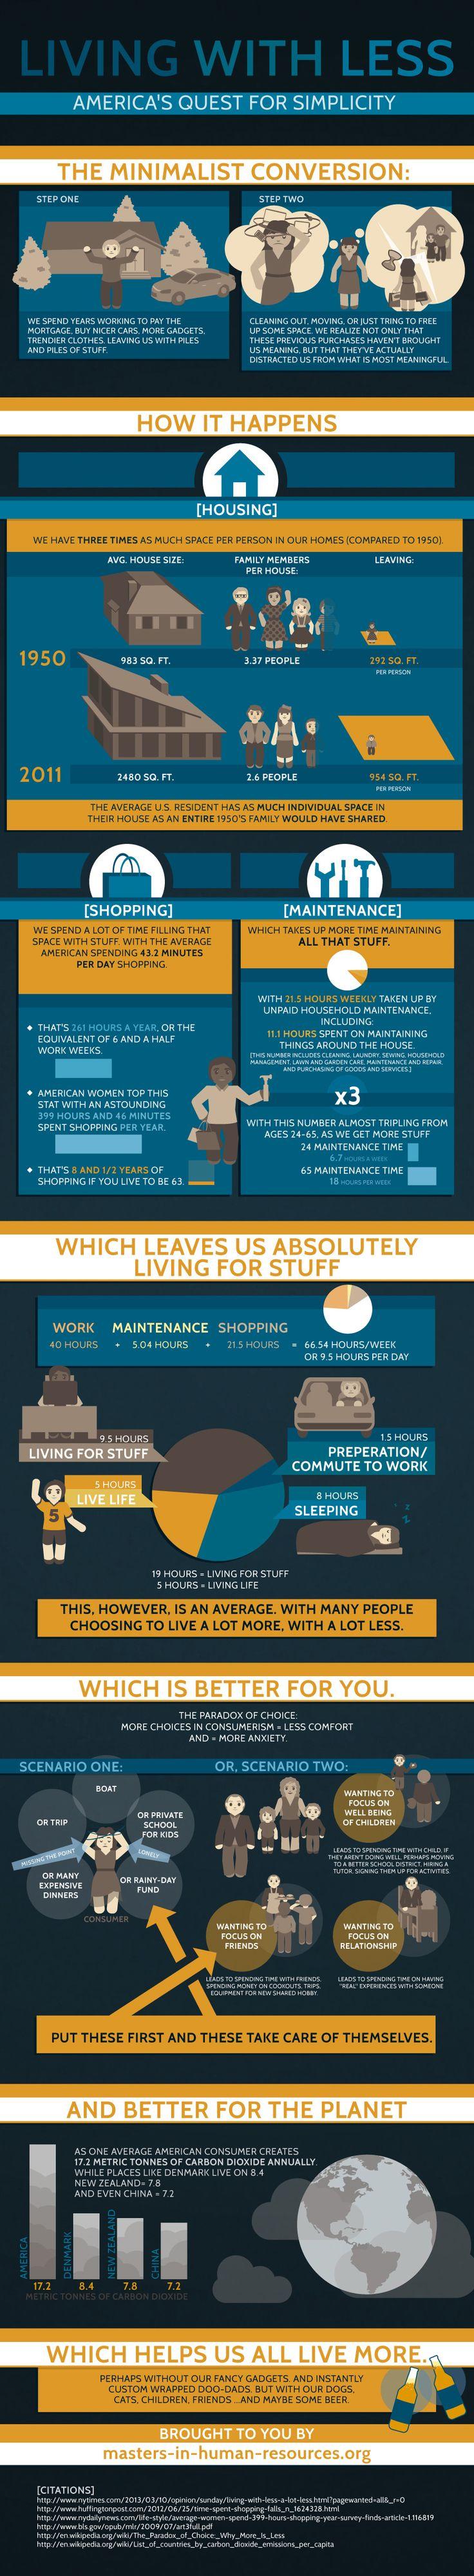 Este infográfico resume las consecuencias tanto anímicas como ambientales del consumismo extremo.